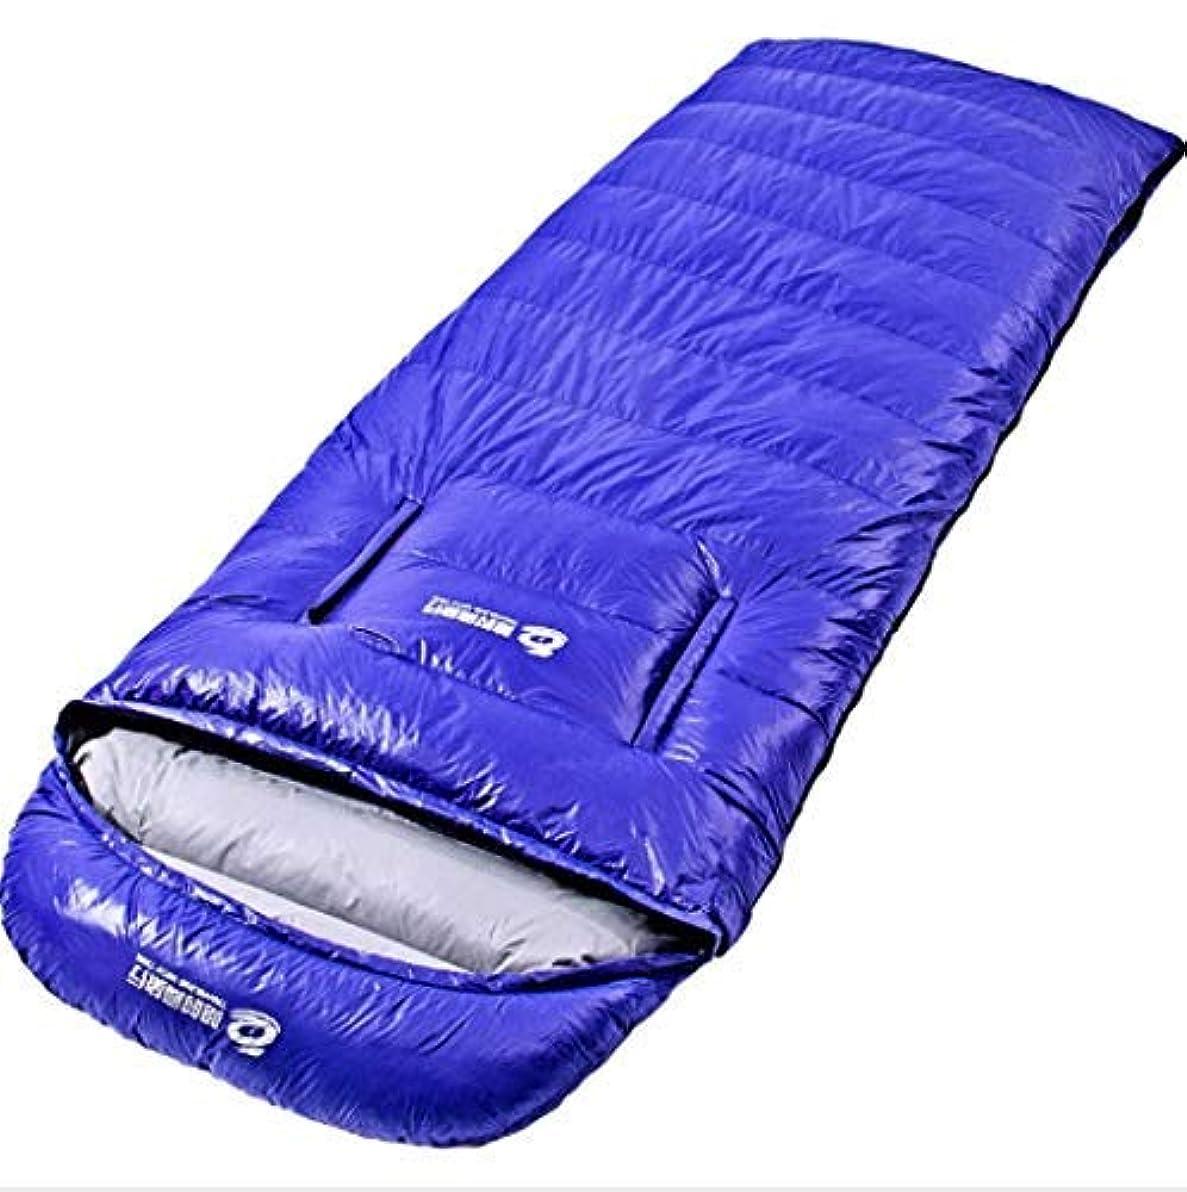 アラブサラボ花アイロニーCATRP 寝袋屋外秋と冬の大人の肥厚封筒タイプマルチスタンダードマルチカラーホワイトアヒルダウン、2キロ (色 : 青)